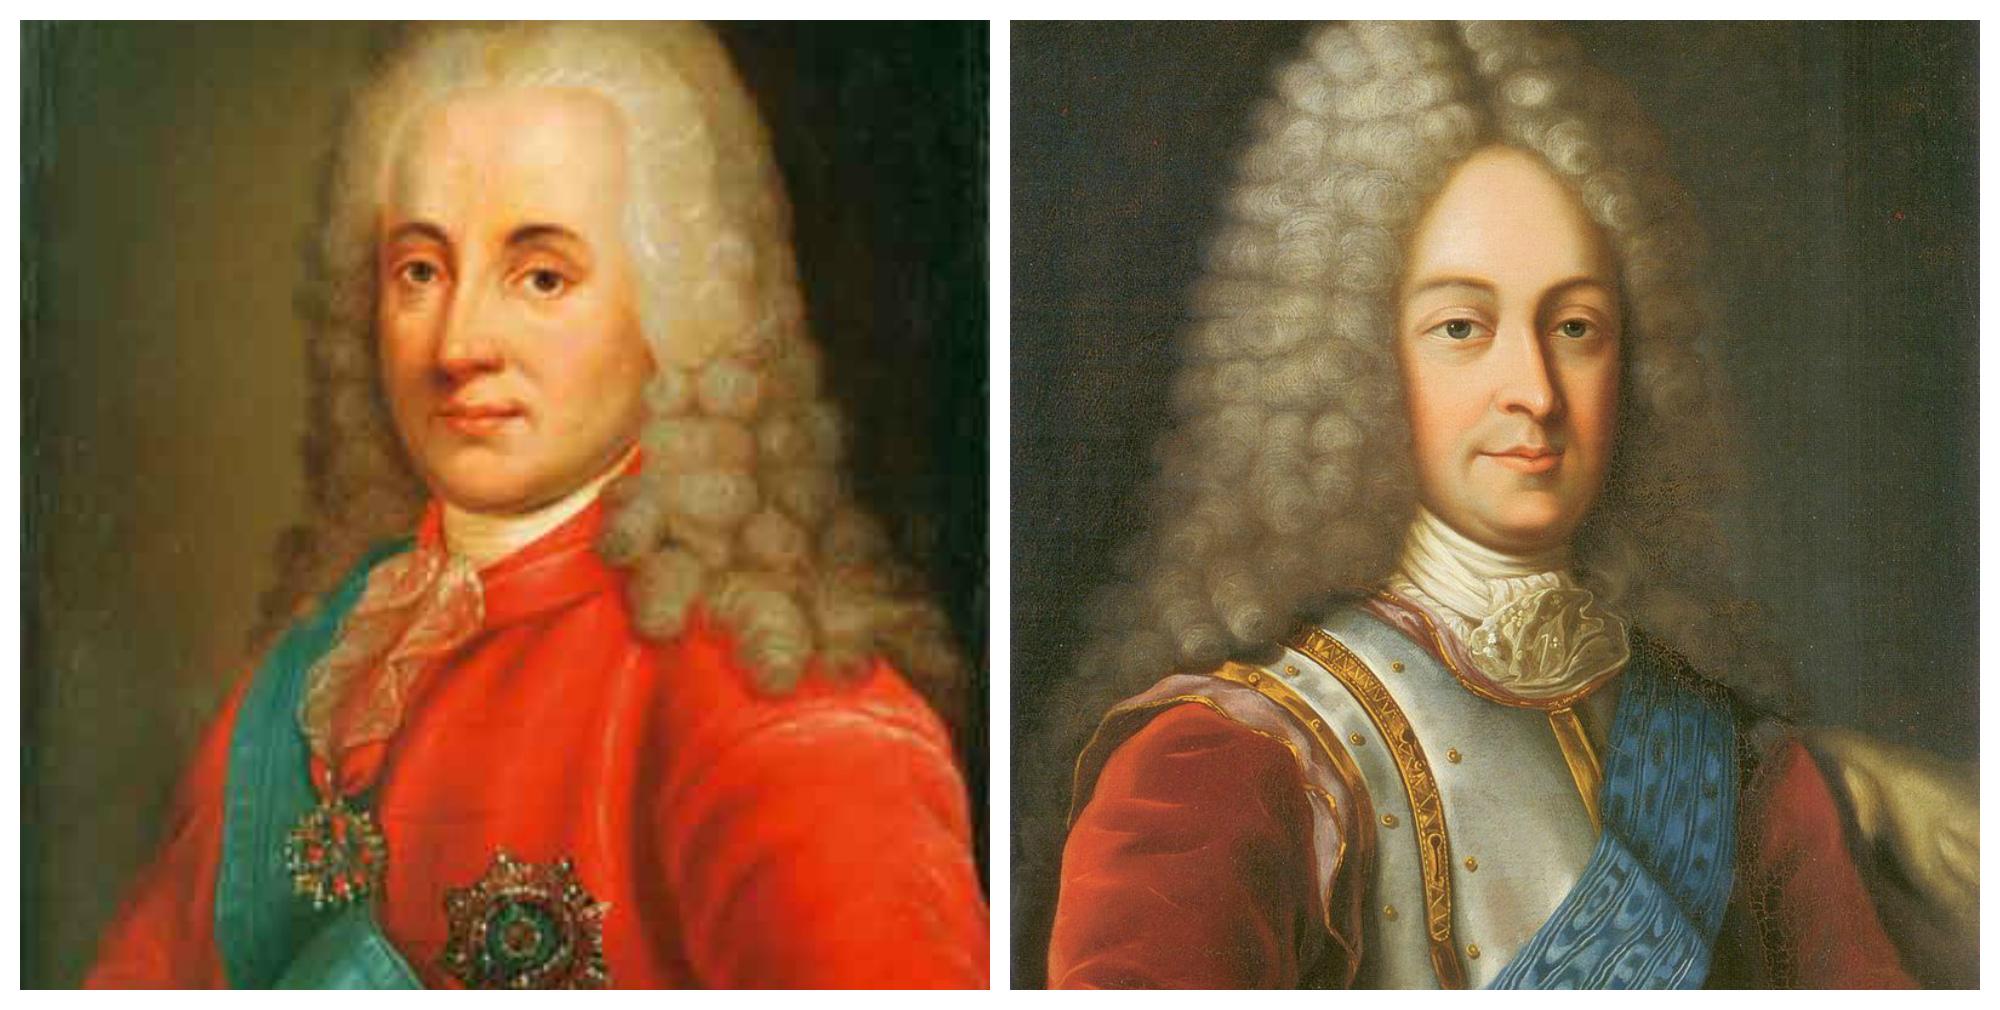 Князь Дмитрий Михайлович Голицын и князь Василий Лукич Долгоруков, одни из лидеров Верховного тайного совета